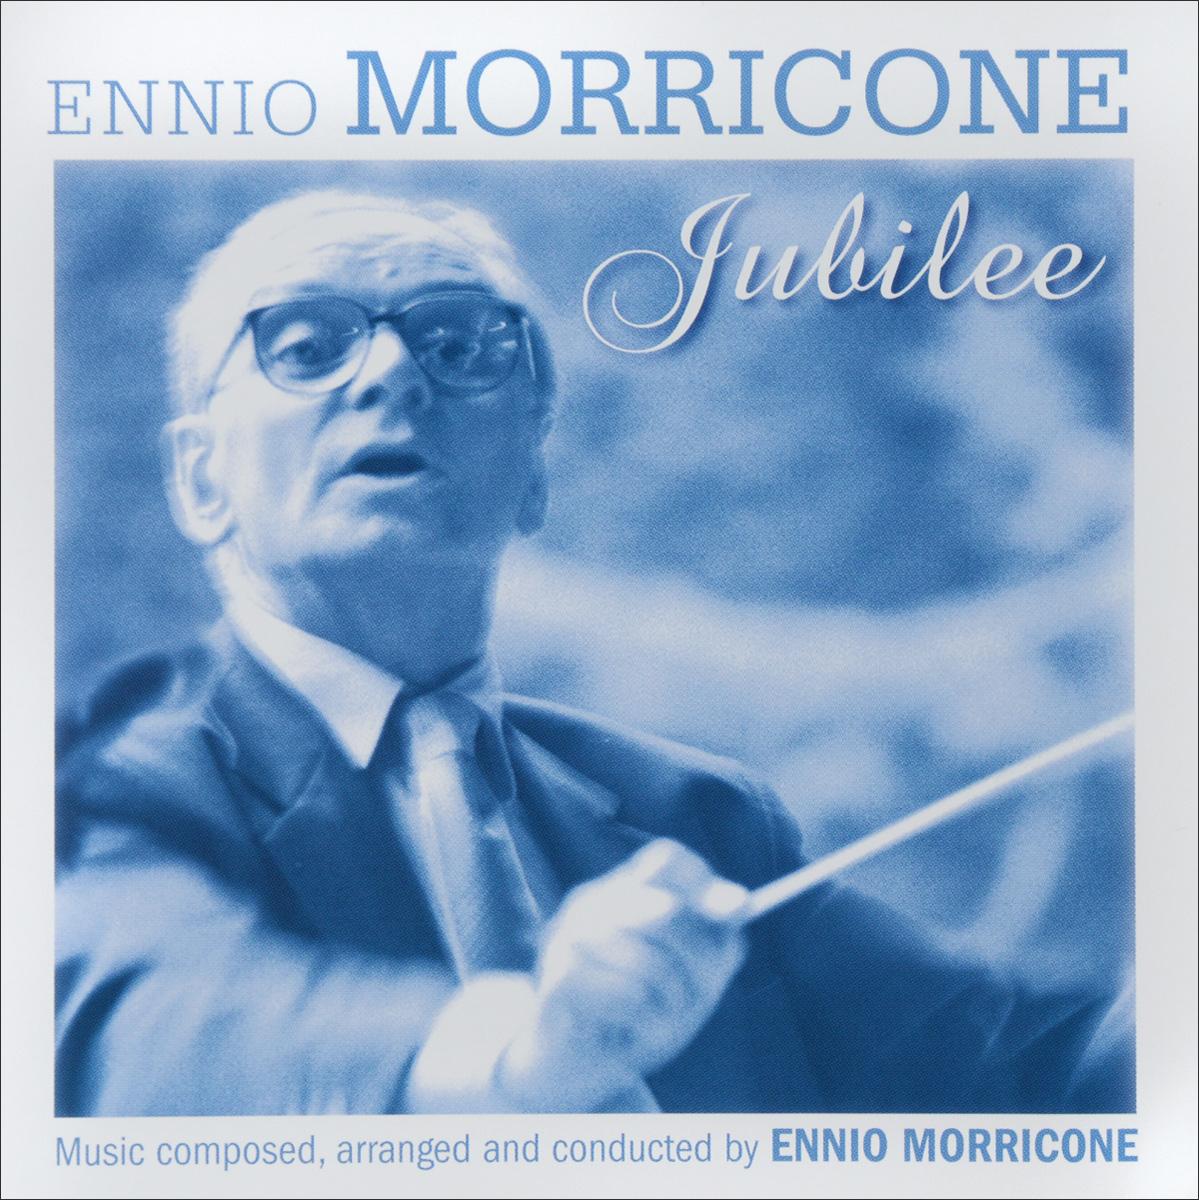 Эннио Морриконе Ennio Morricone. Jubilee эннио морриконе ennio morricone symphony for richard iii lp